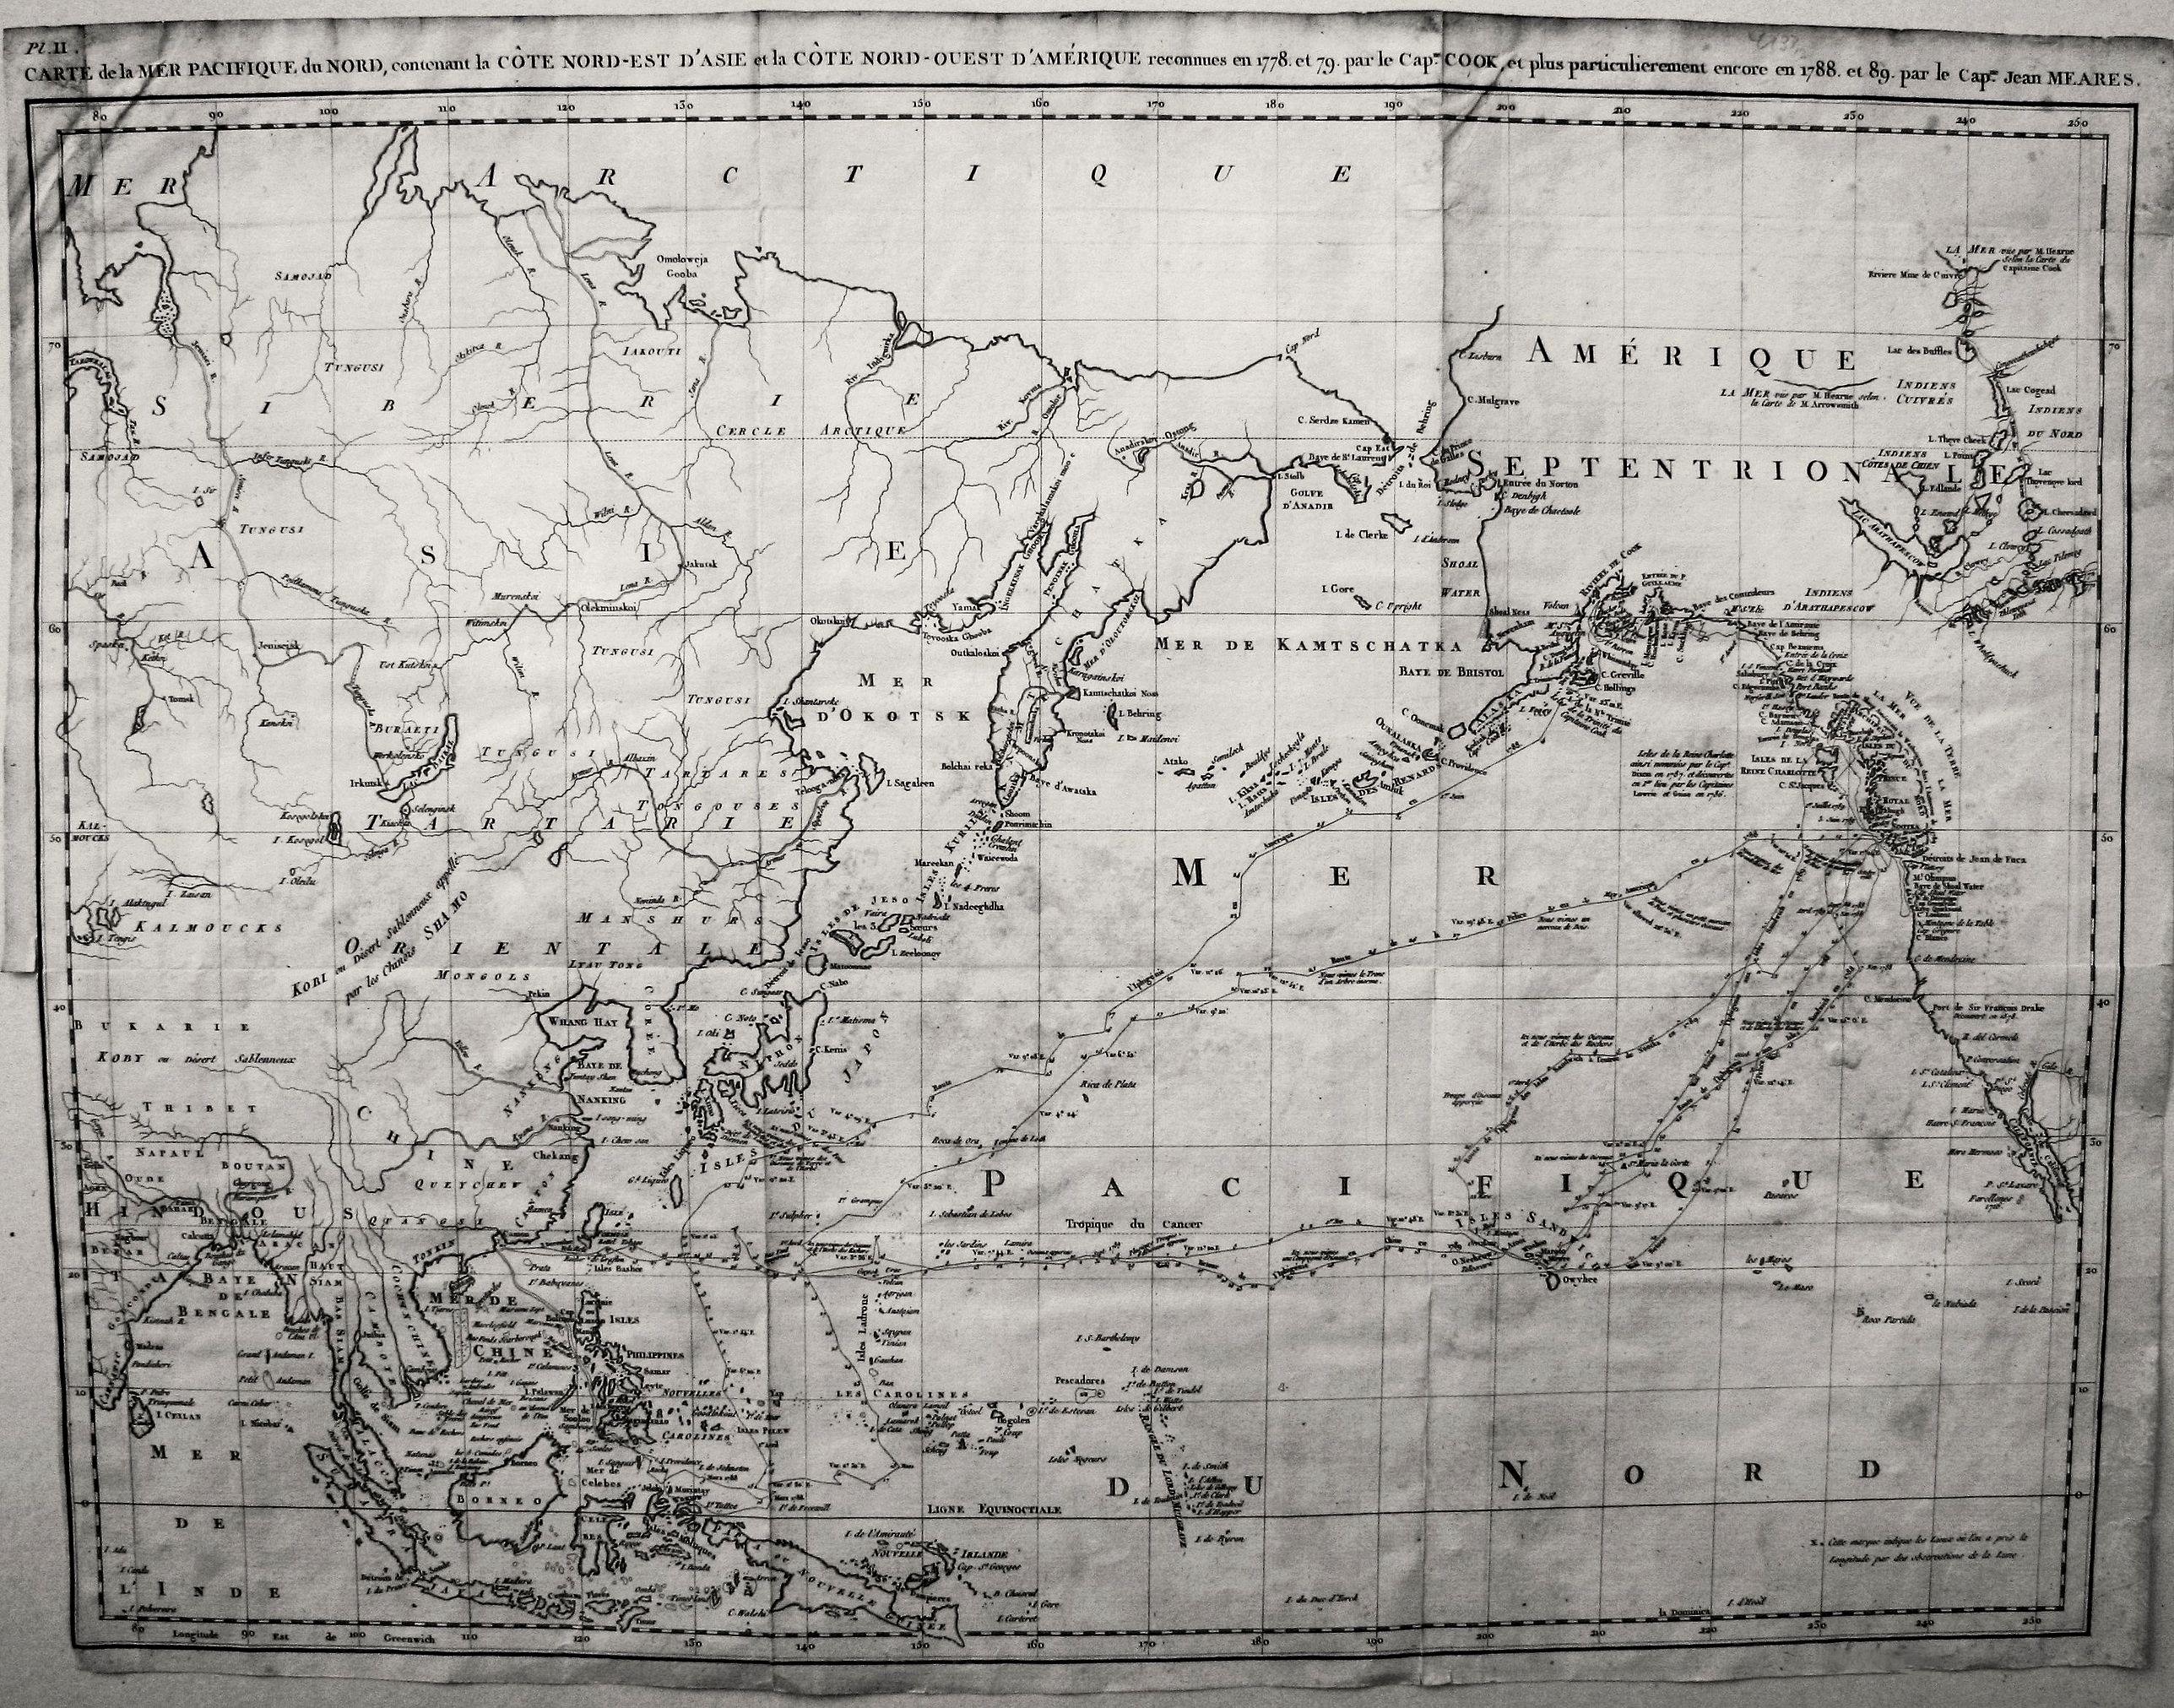 MEARES, J. - Carte de la Mer Pacifique du Nord, contenant la Cote Nord-Est D'Asie et la Cote Nord-Ouest D'Amerique …1778 et 79 par le Capn Cook, et…1788-89 par le Capne Jean Meares